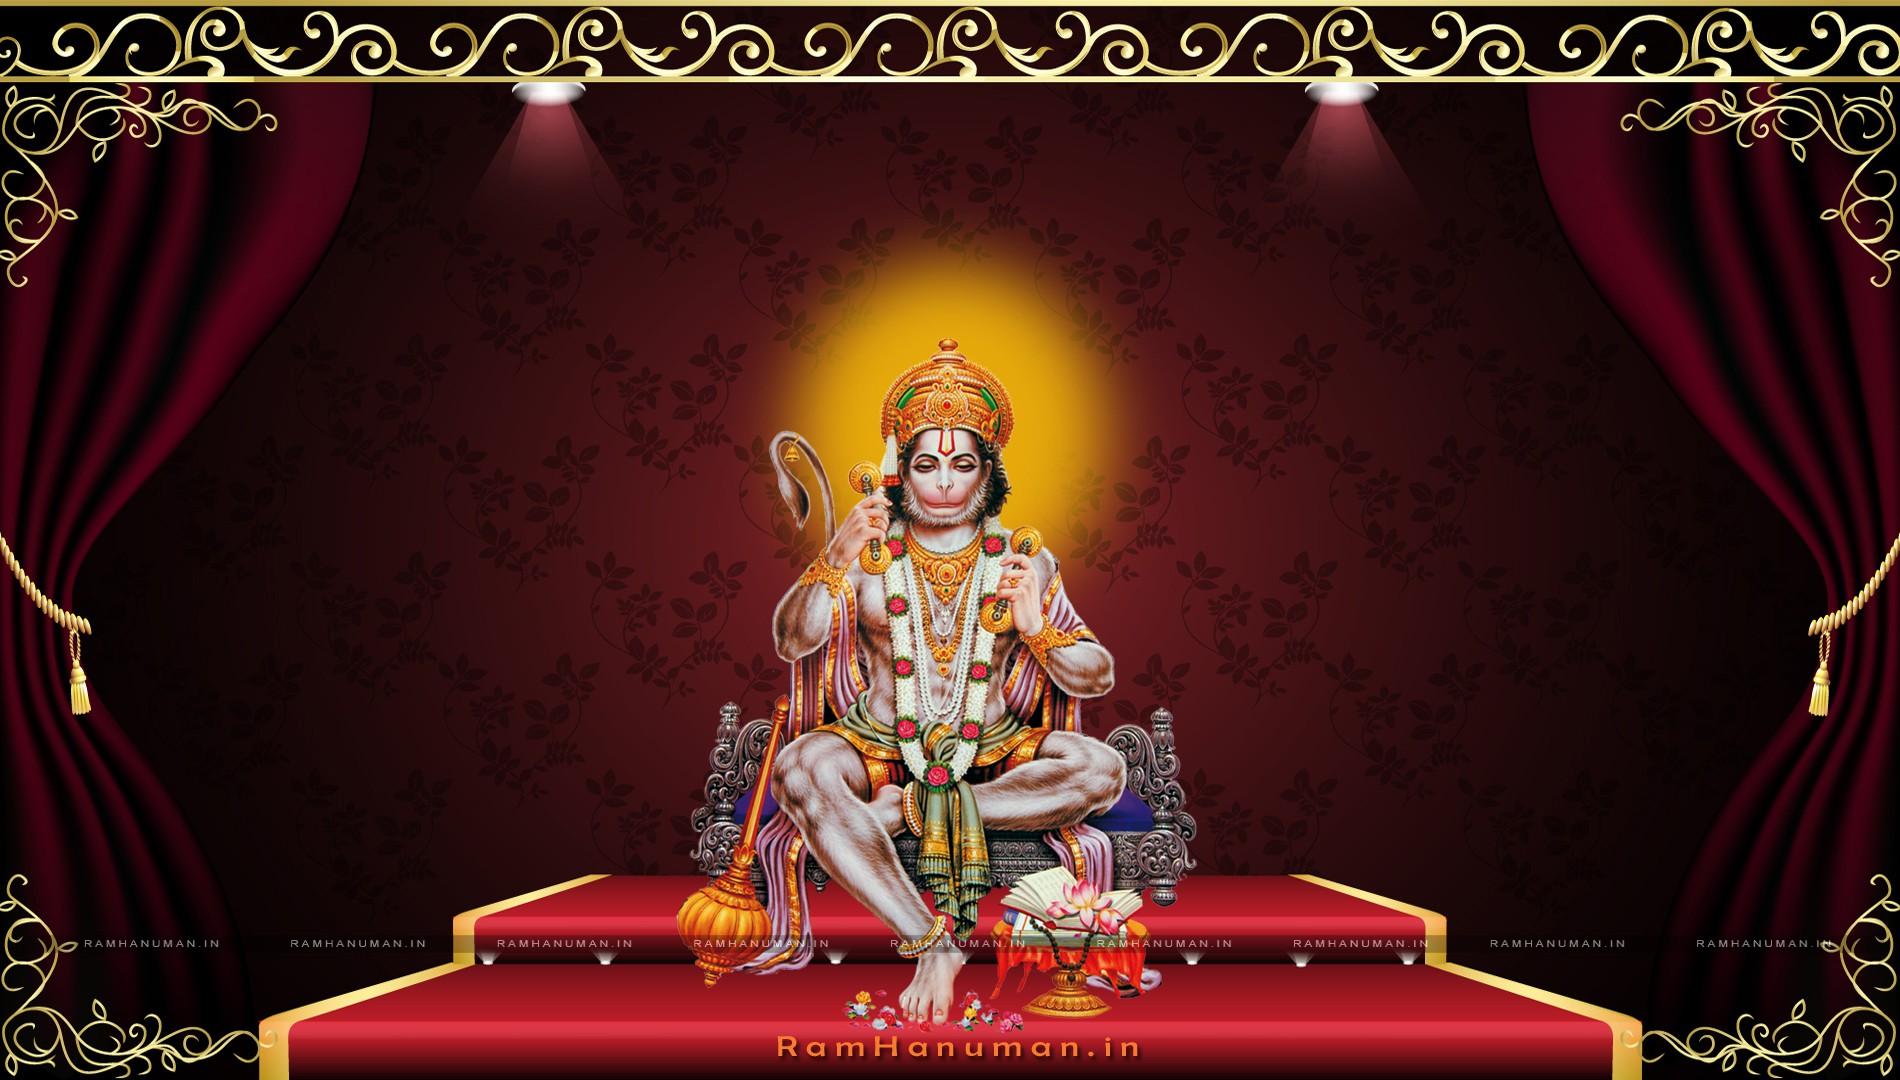 85 hanuman ji wallpaper full size hd hanuman png images